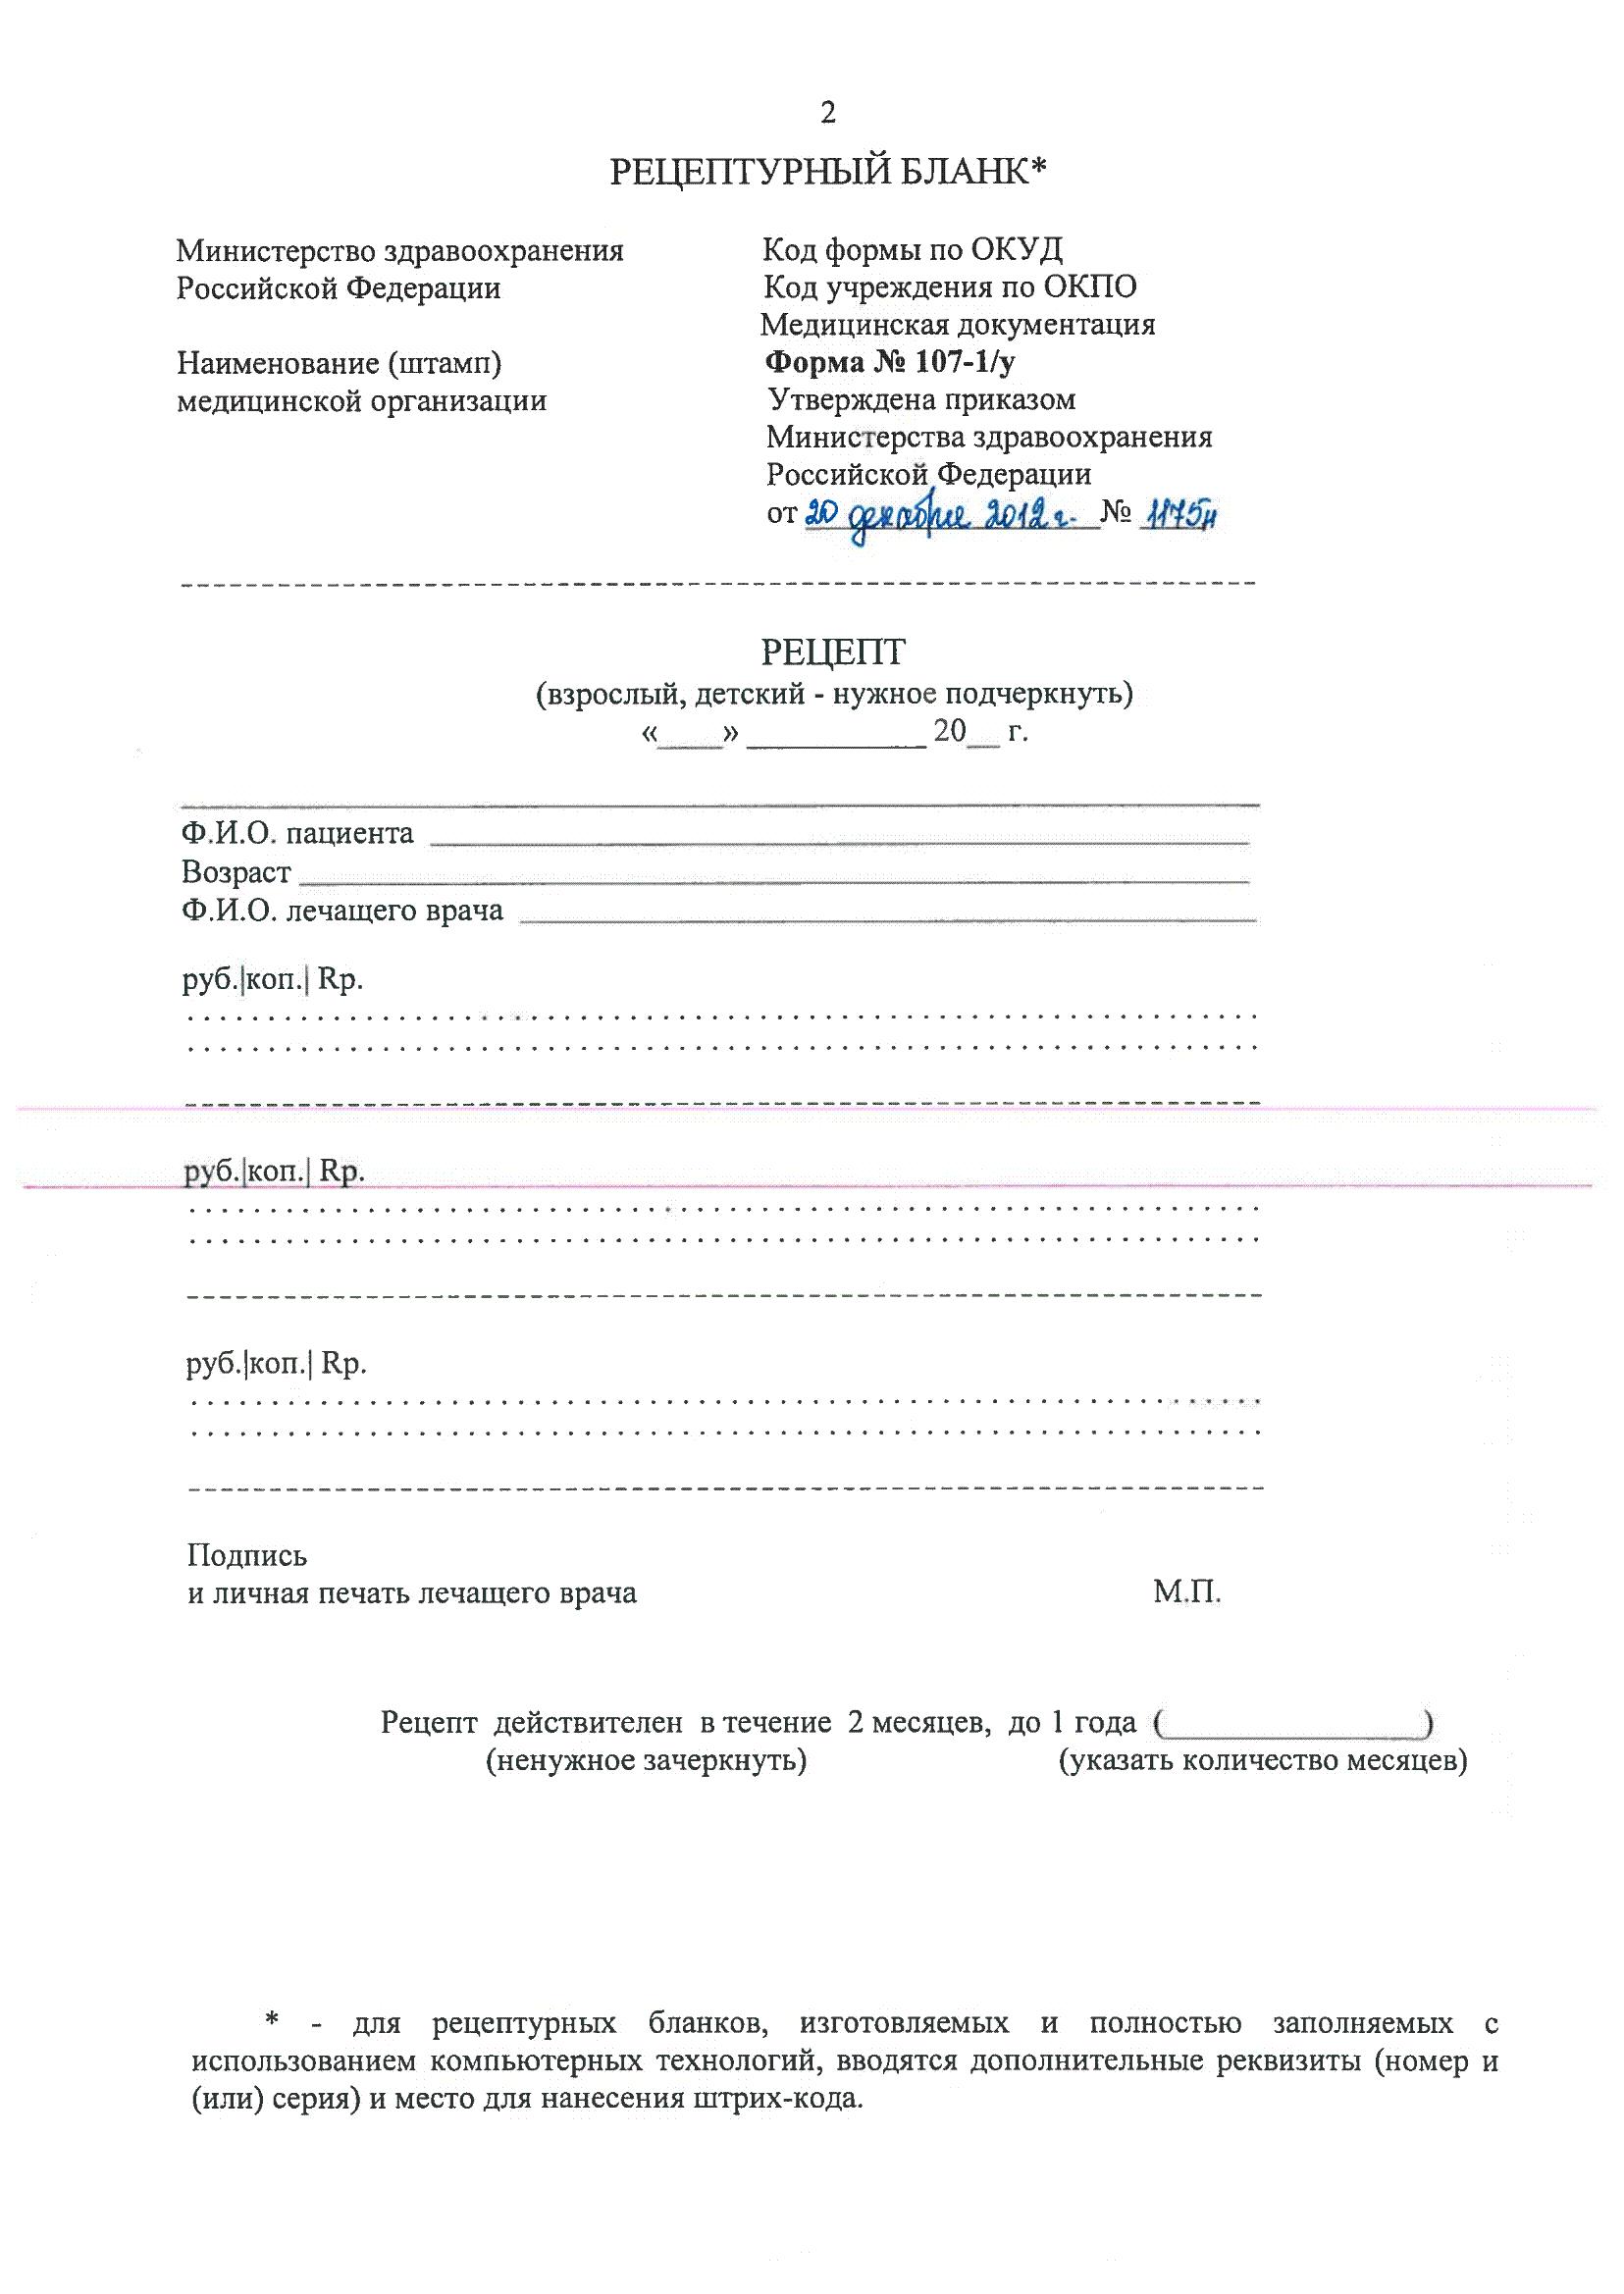 Как выбрать рецептурный бланк для выписывания рецепта? : kim_1894.